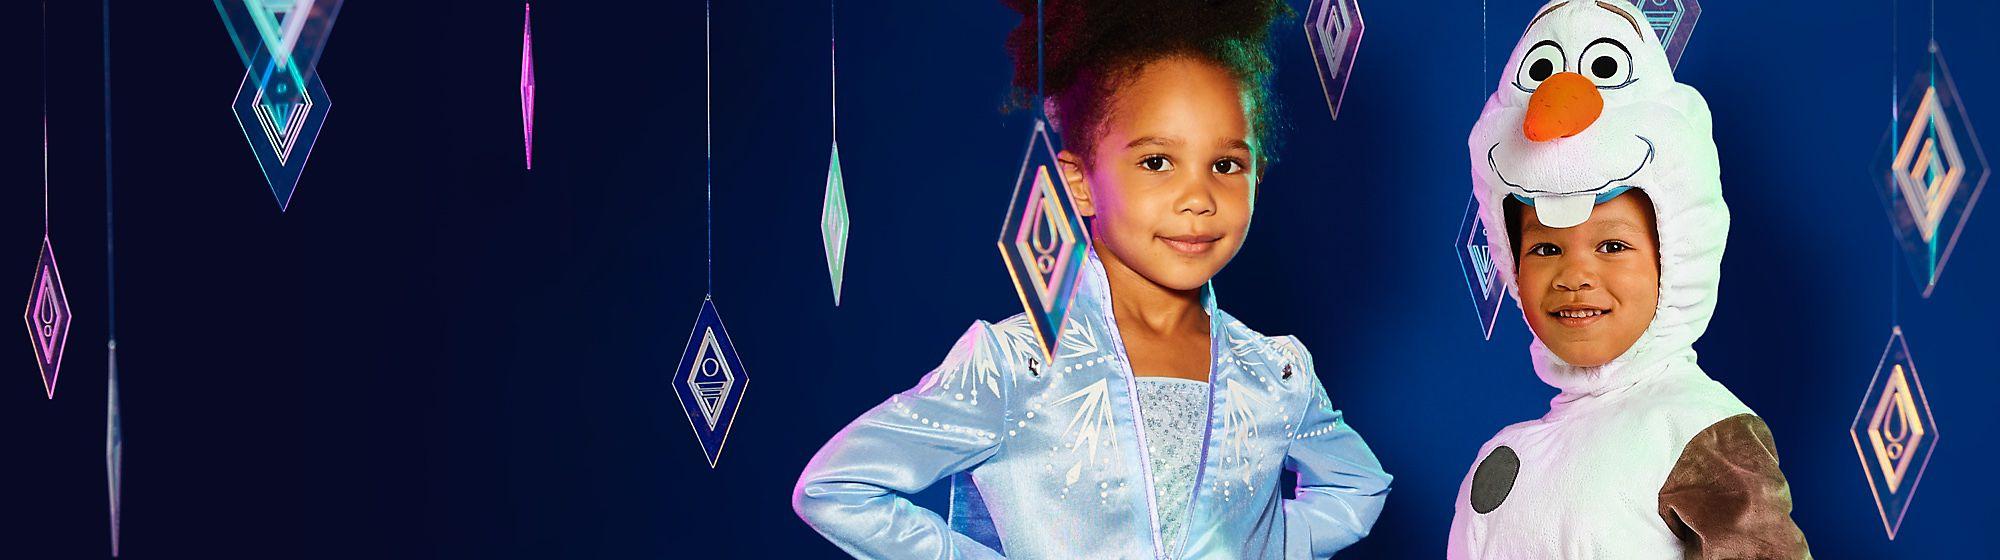 Déguisements Explorez notre gamme fantastique de déguisements de qualité pour adultes, enfants et bébés DÉCOUVRIR